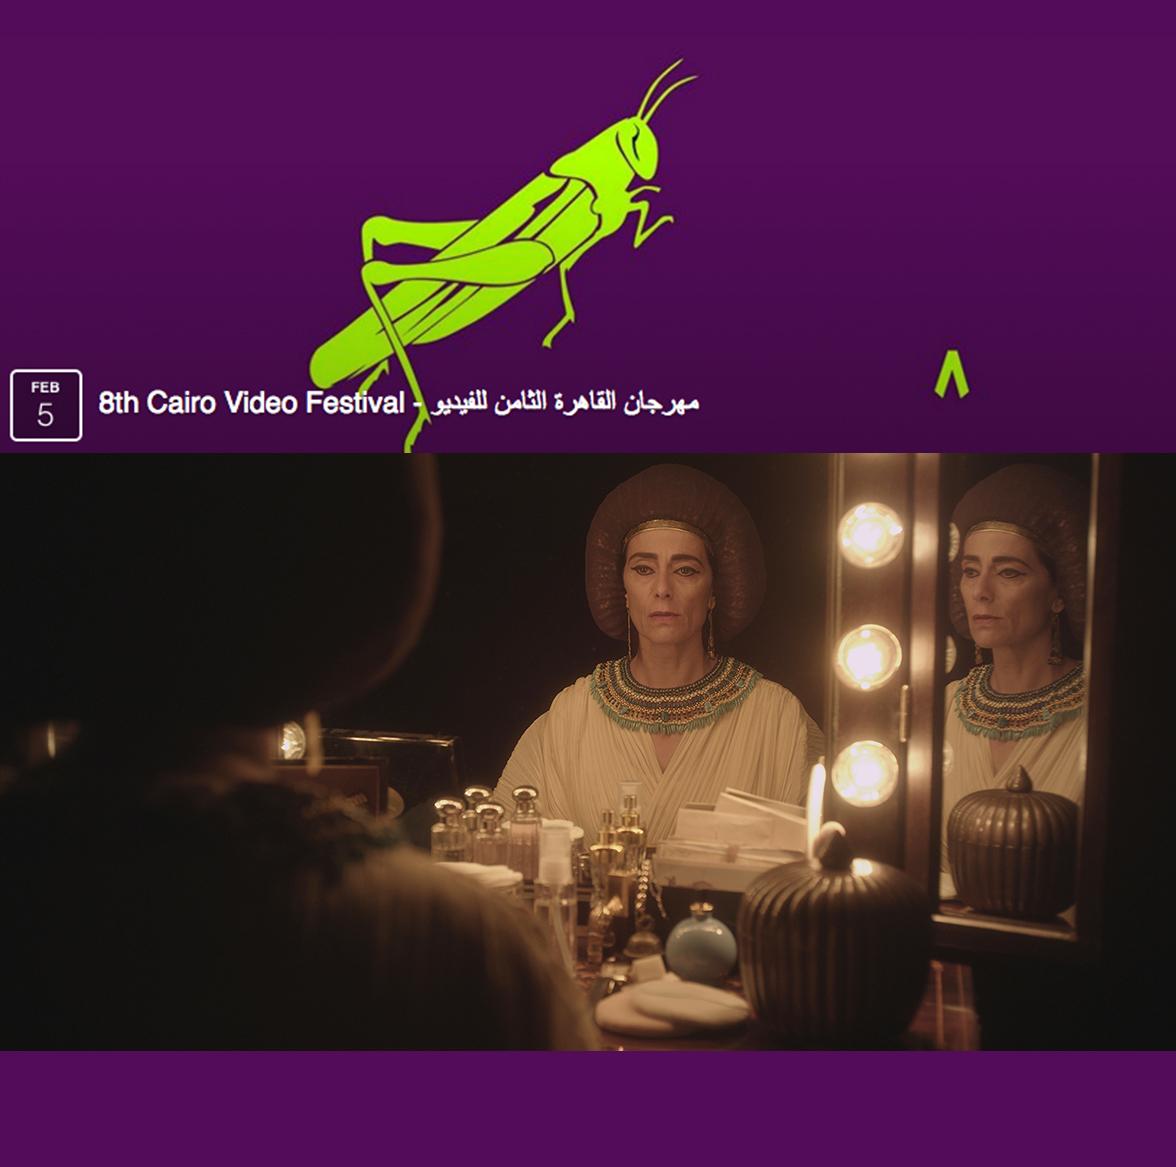 Cairo_Video_Festival